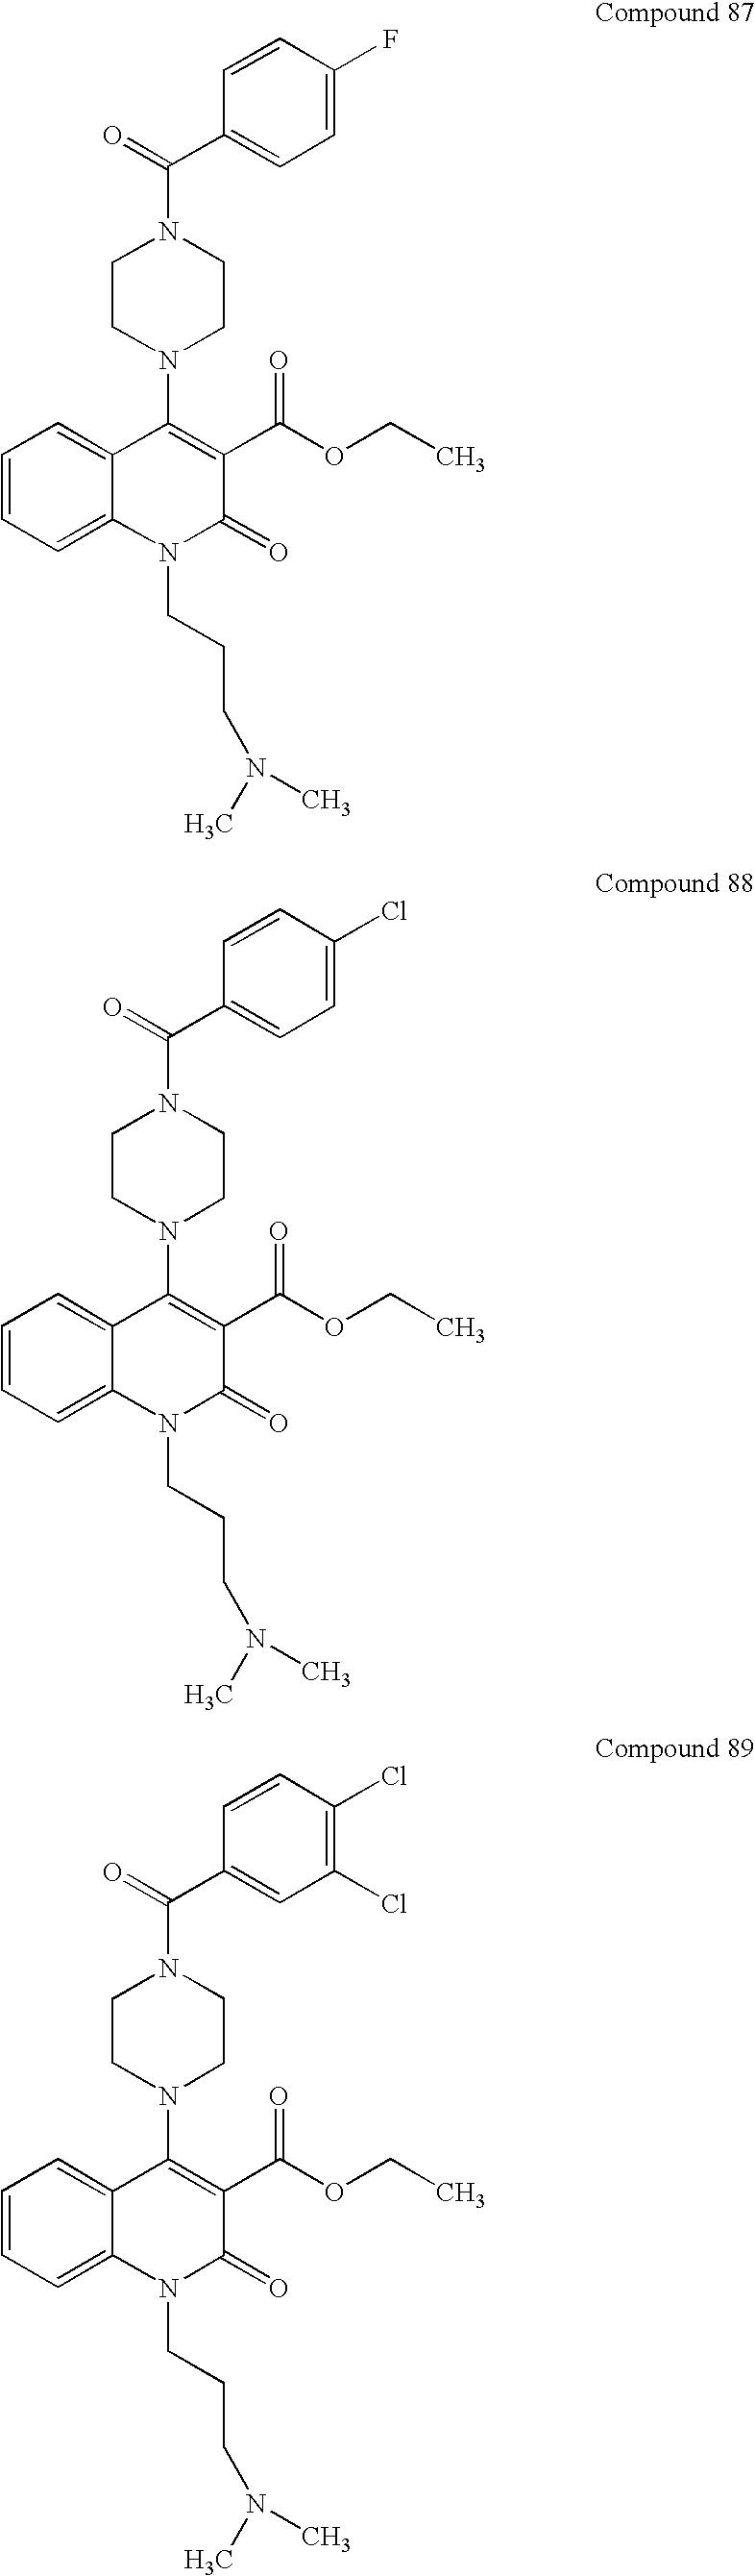 Figure US07230106-20070612-C00080